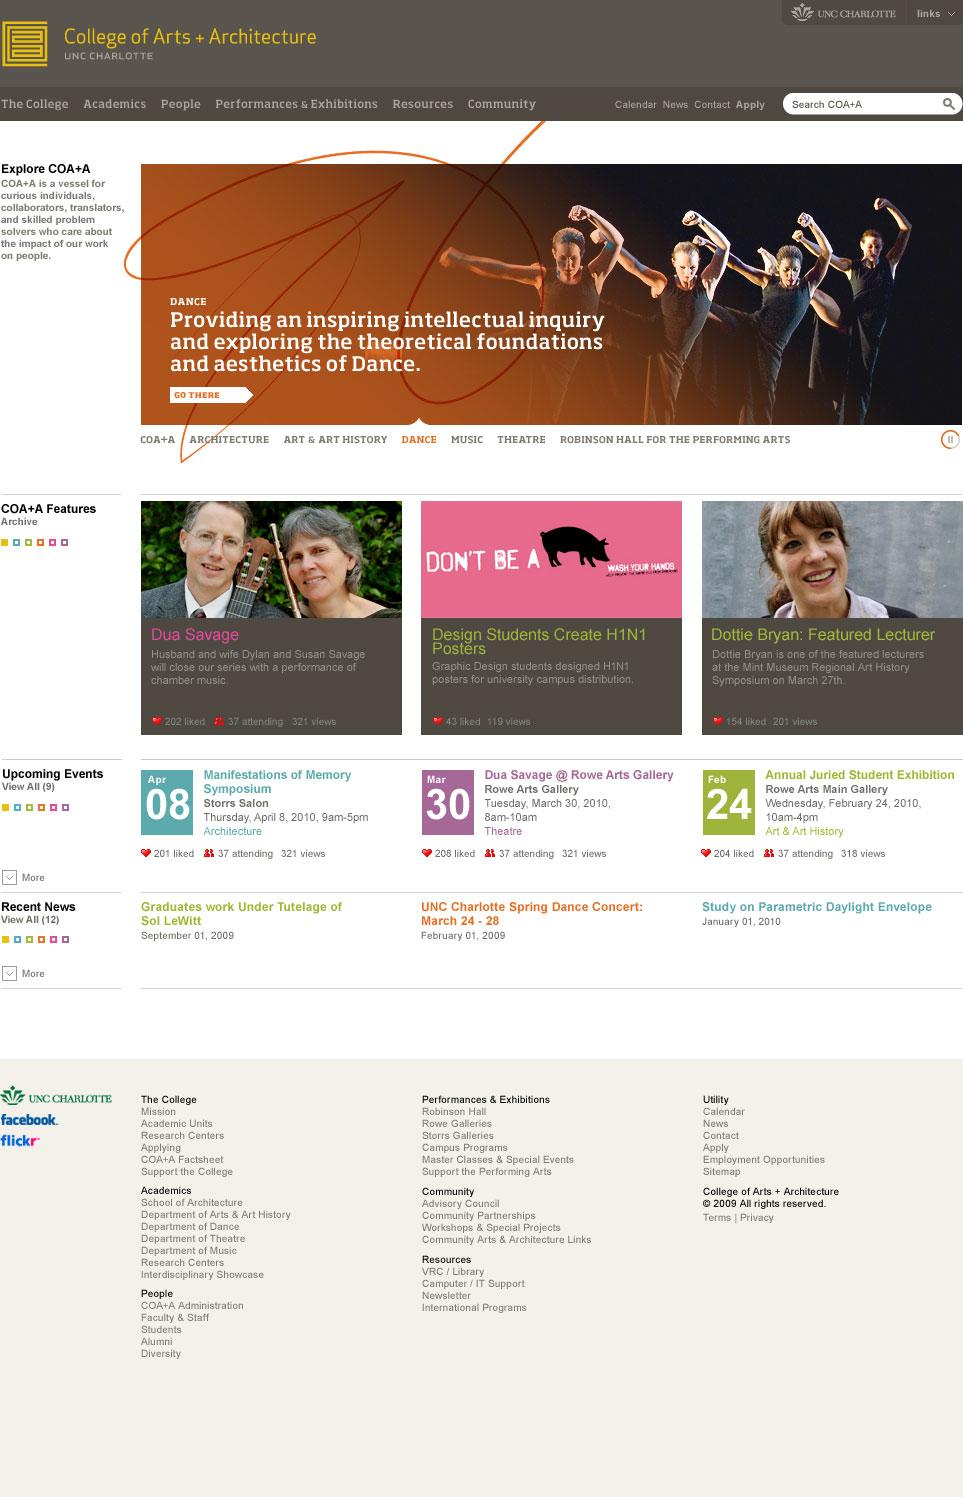 Website - Homepage